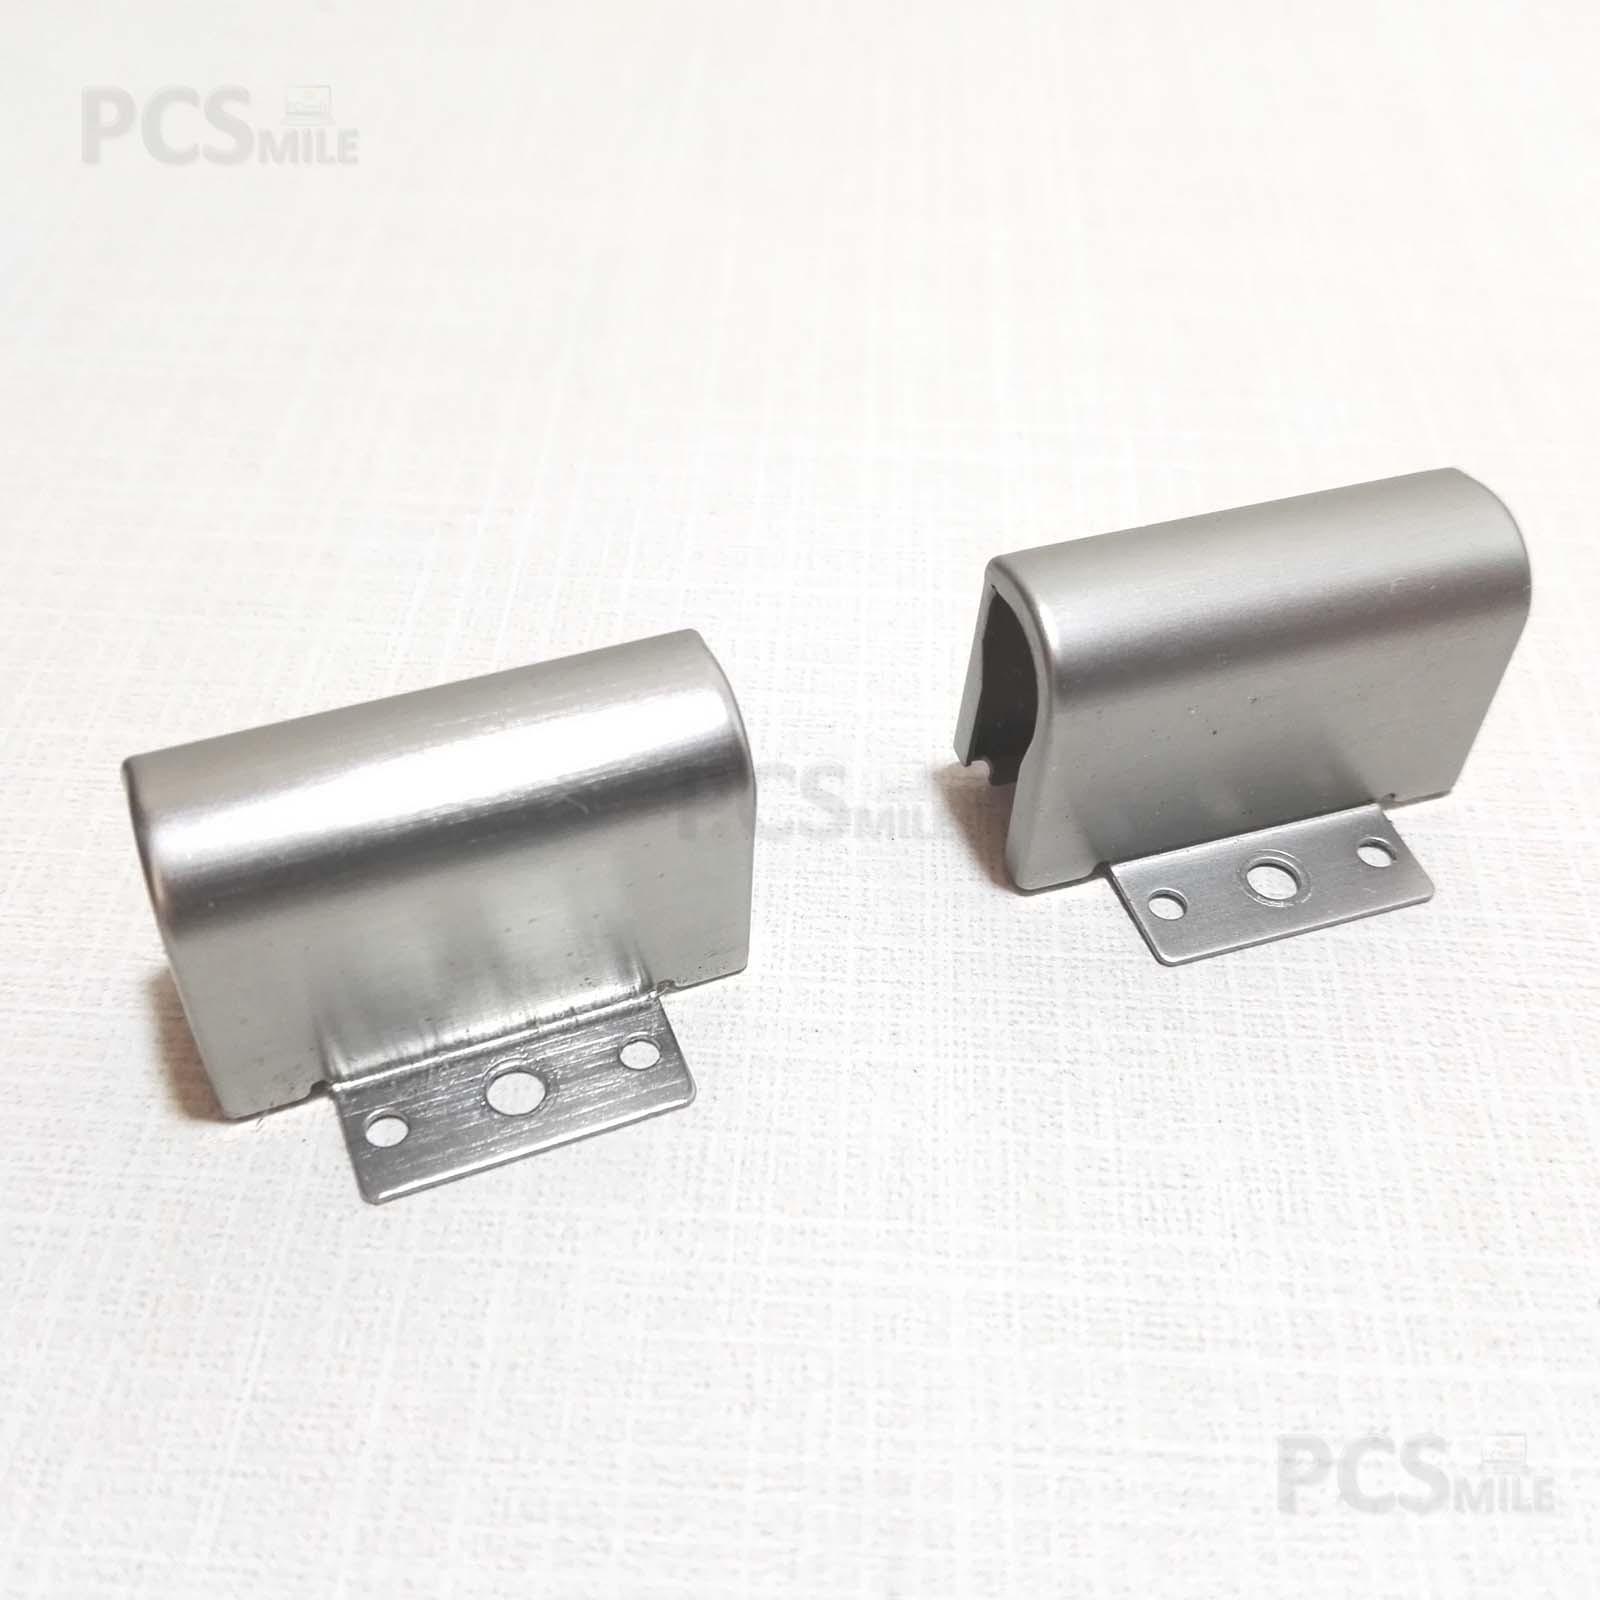 Copri cerniera grigio originale HP G62 serie scocca